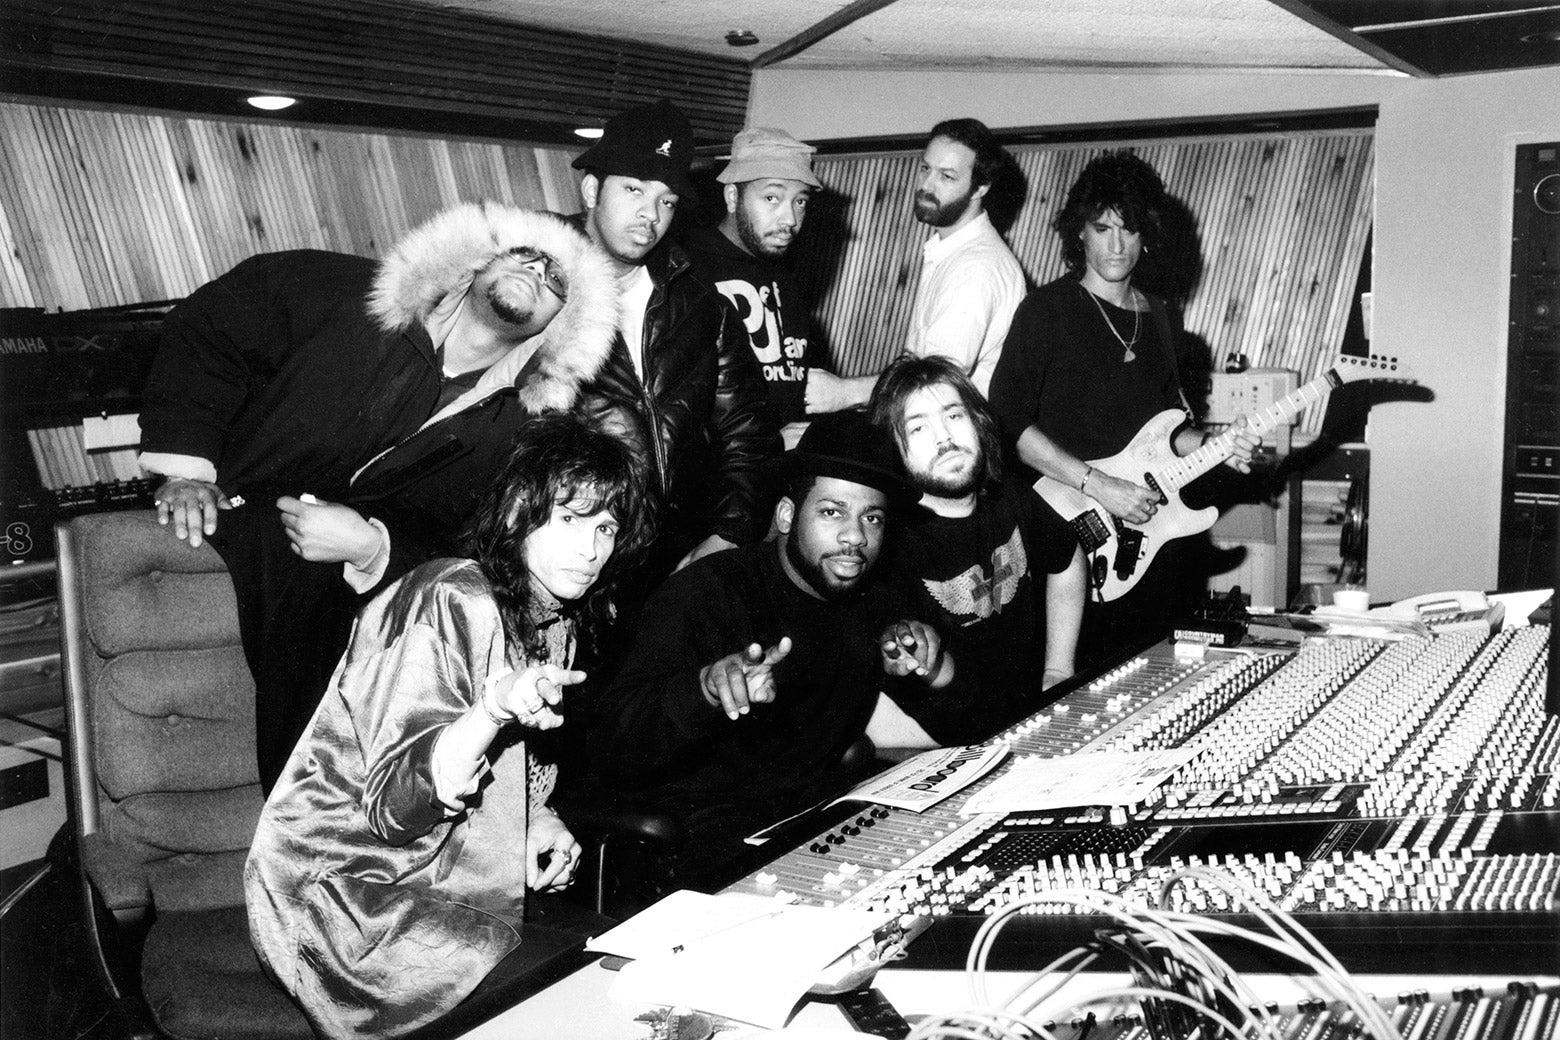 Members of Run-D.M.C. and Aerosmith at Magic Venture Studios.